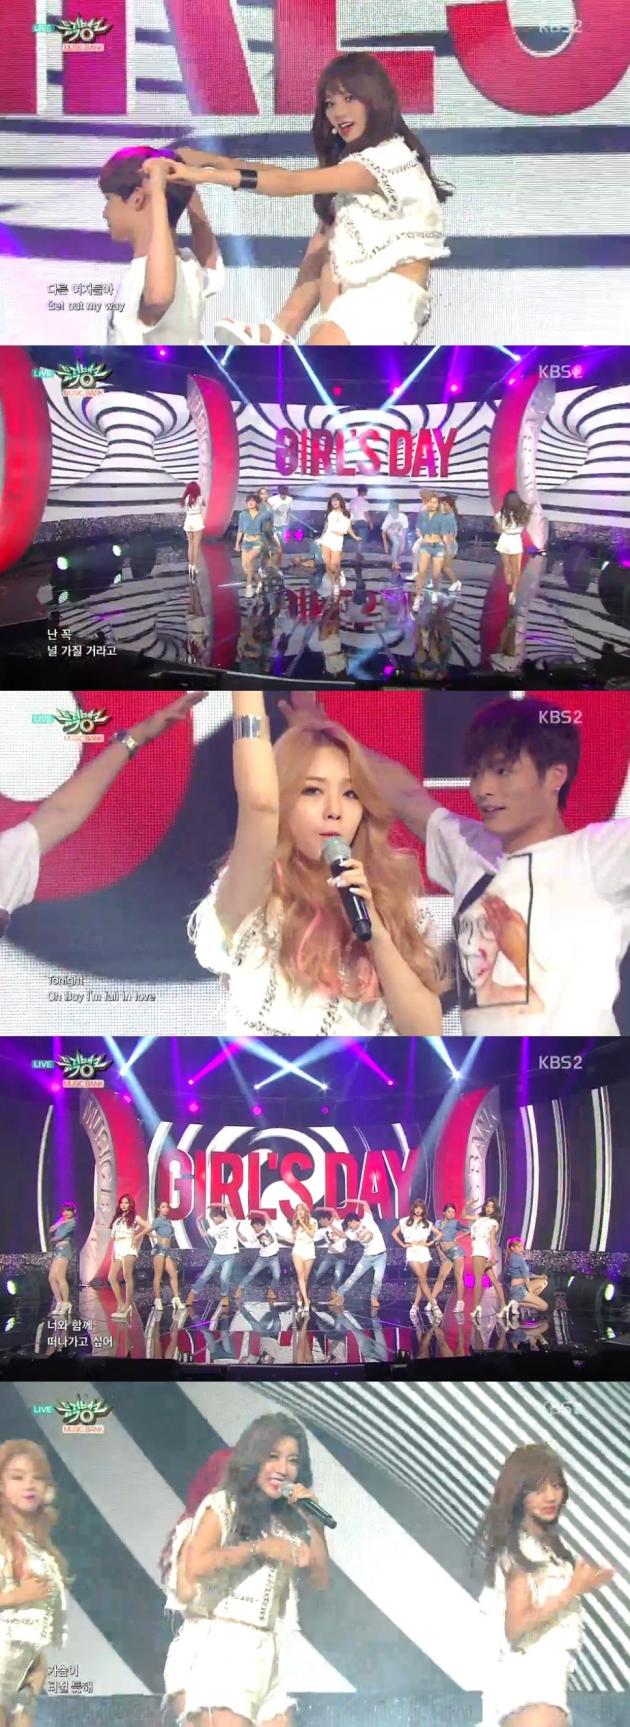 '뮤직뱅크' 걸스데이 링마벨 / '뮤직뱅크' 걸스데이 링마벨 사진=KBS2 방송 캡처